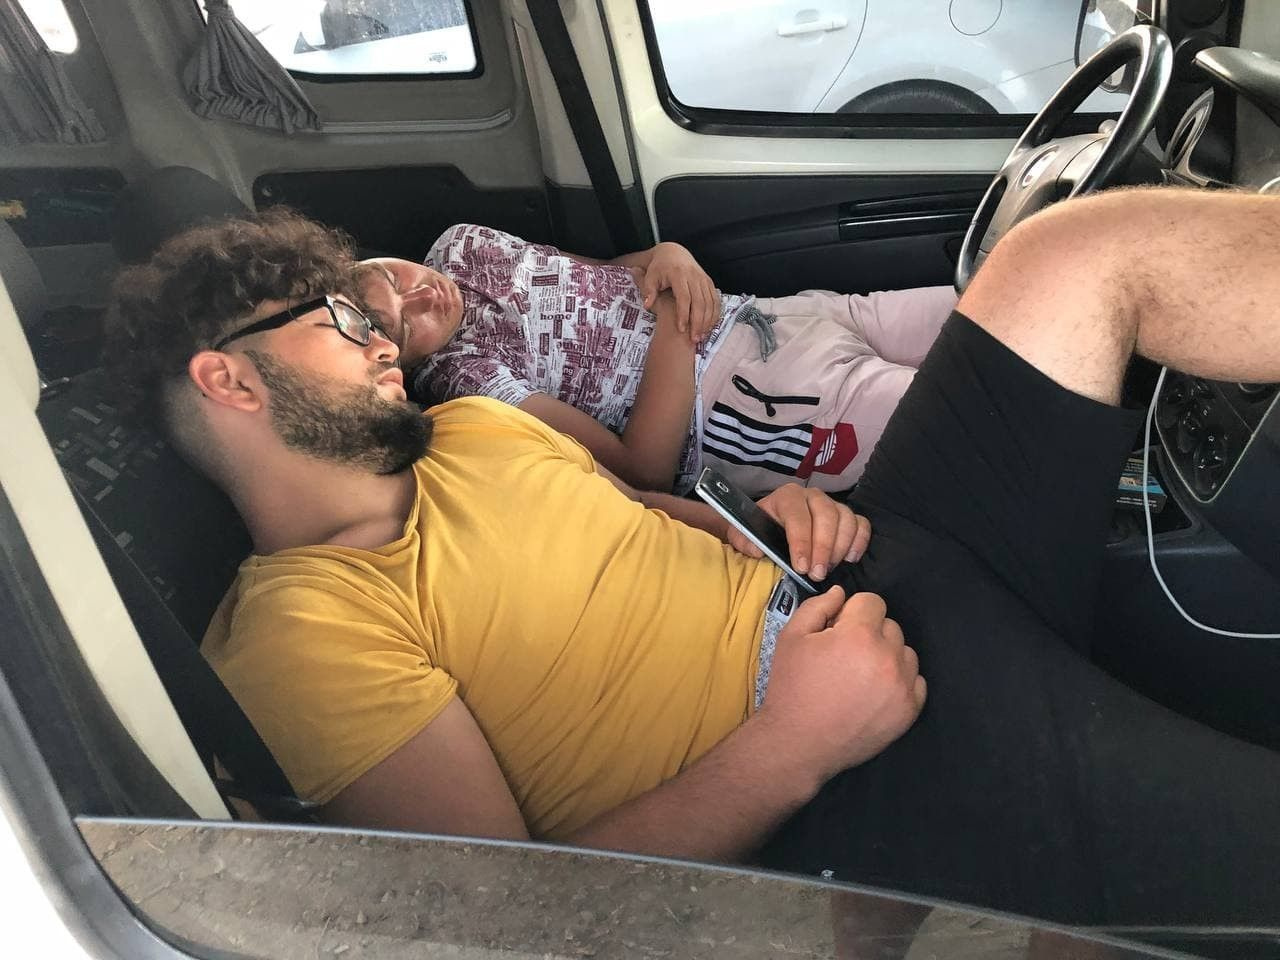 Antalya'da görenler hayrete düştü! Buldukları yere yatıyorlar: Çok pahalı